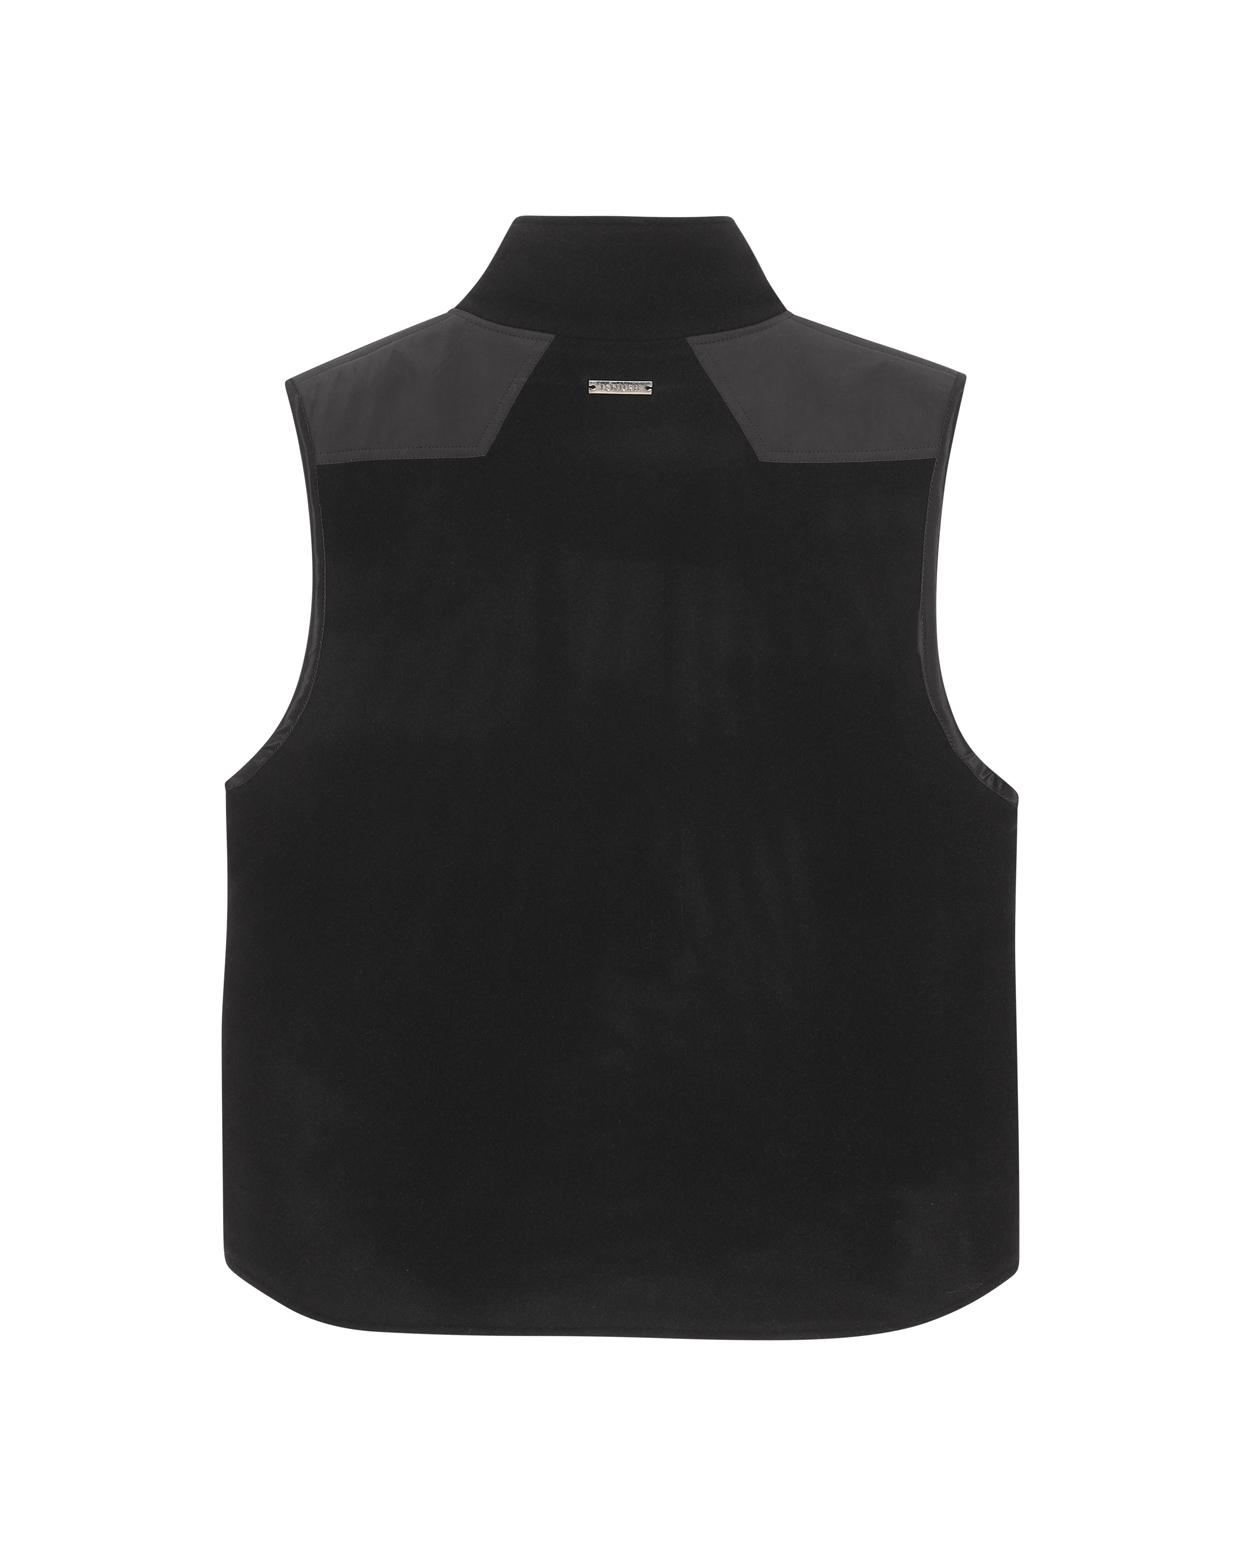 ISNURH Tac Vest, Sort, M